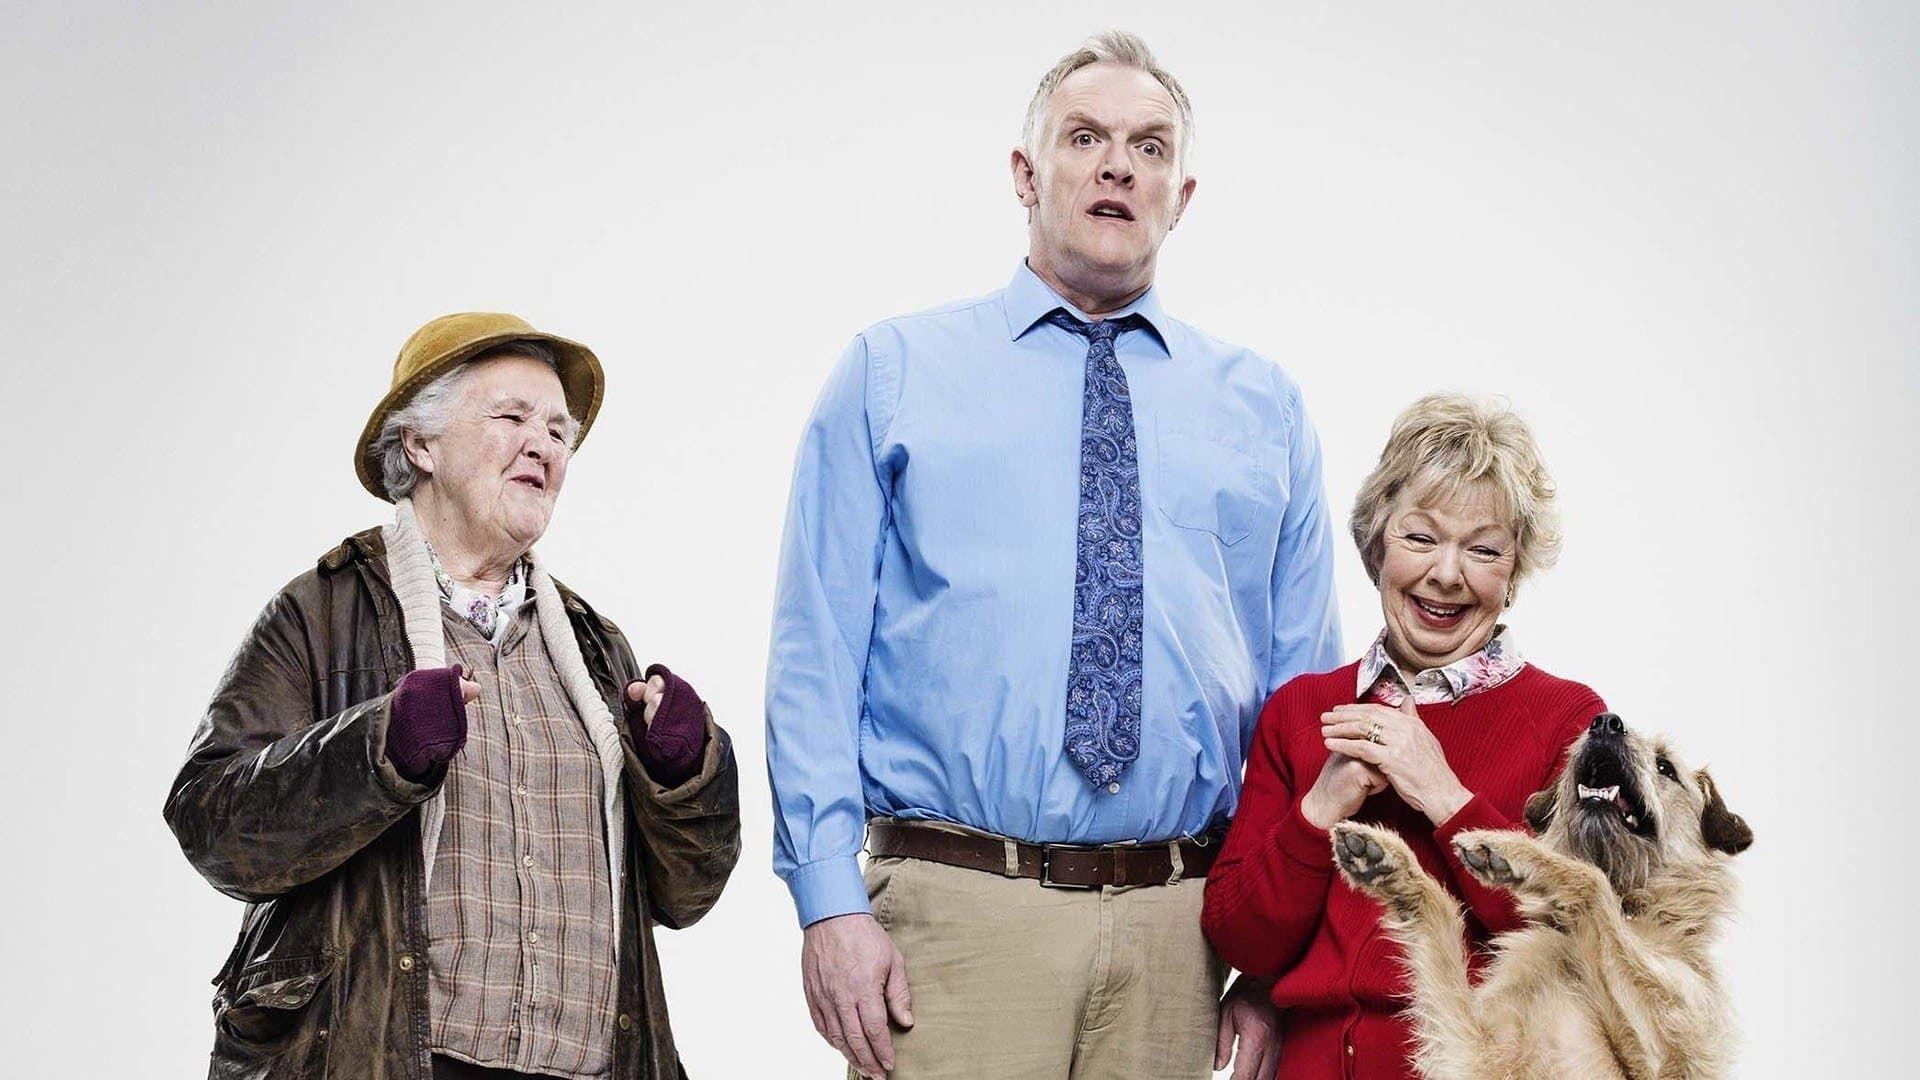 Season 01, Episode 07 Christmas Special 2013